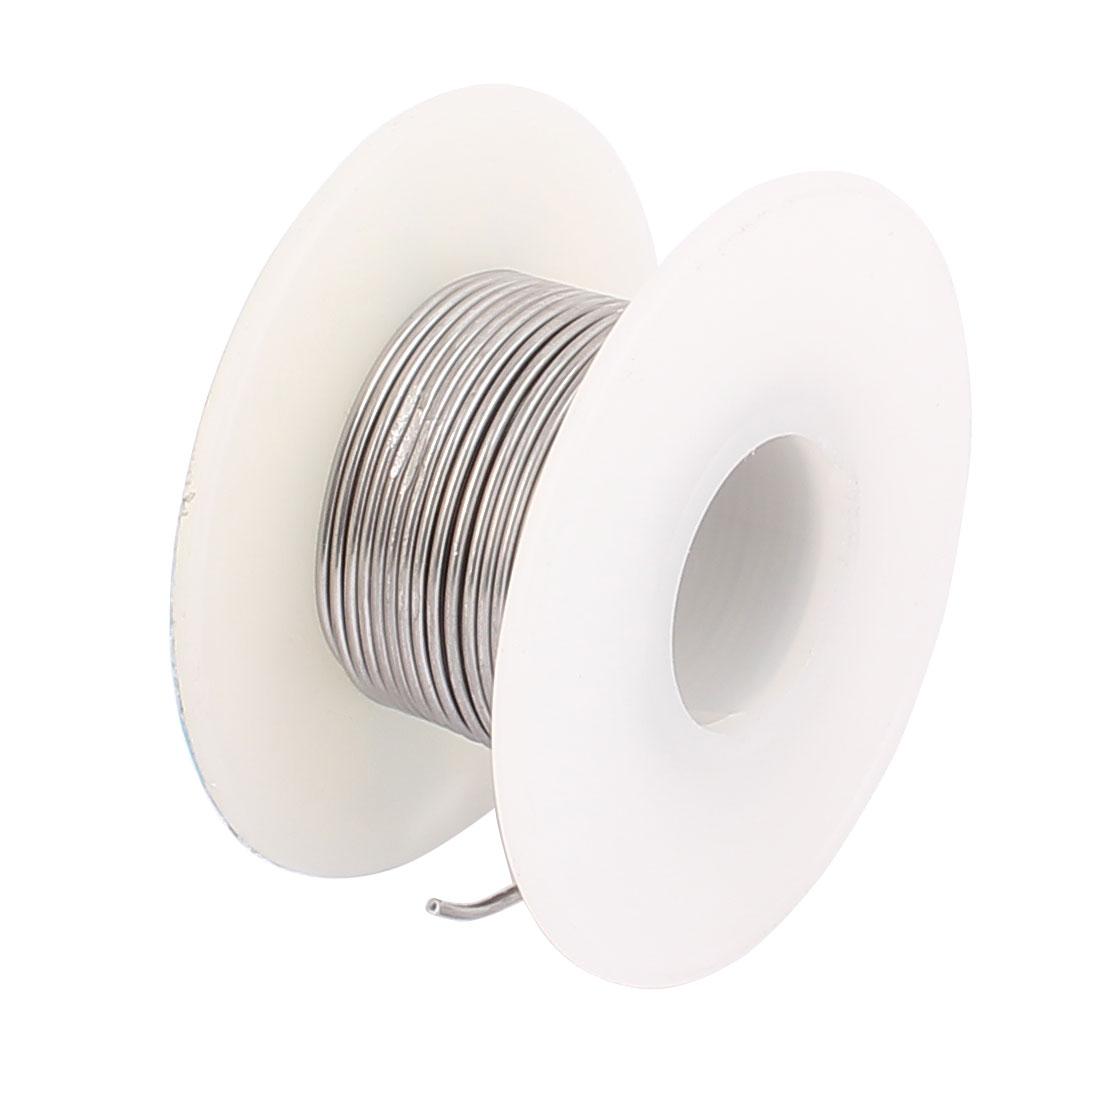 1.0mm 63/37 Tin Lead Melt Rosin Core Solder Flux 2% Soldering Wire Reel Spool